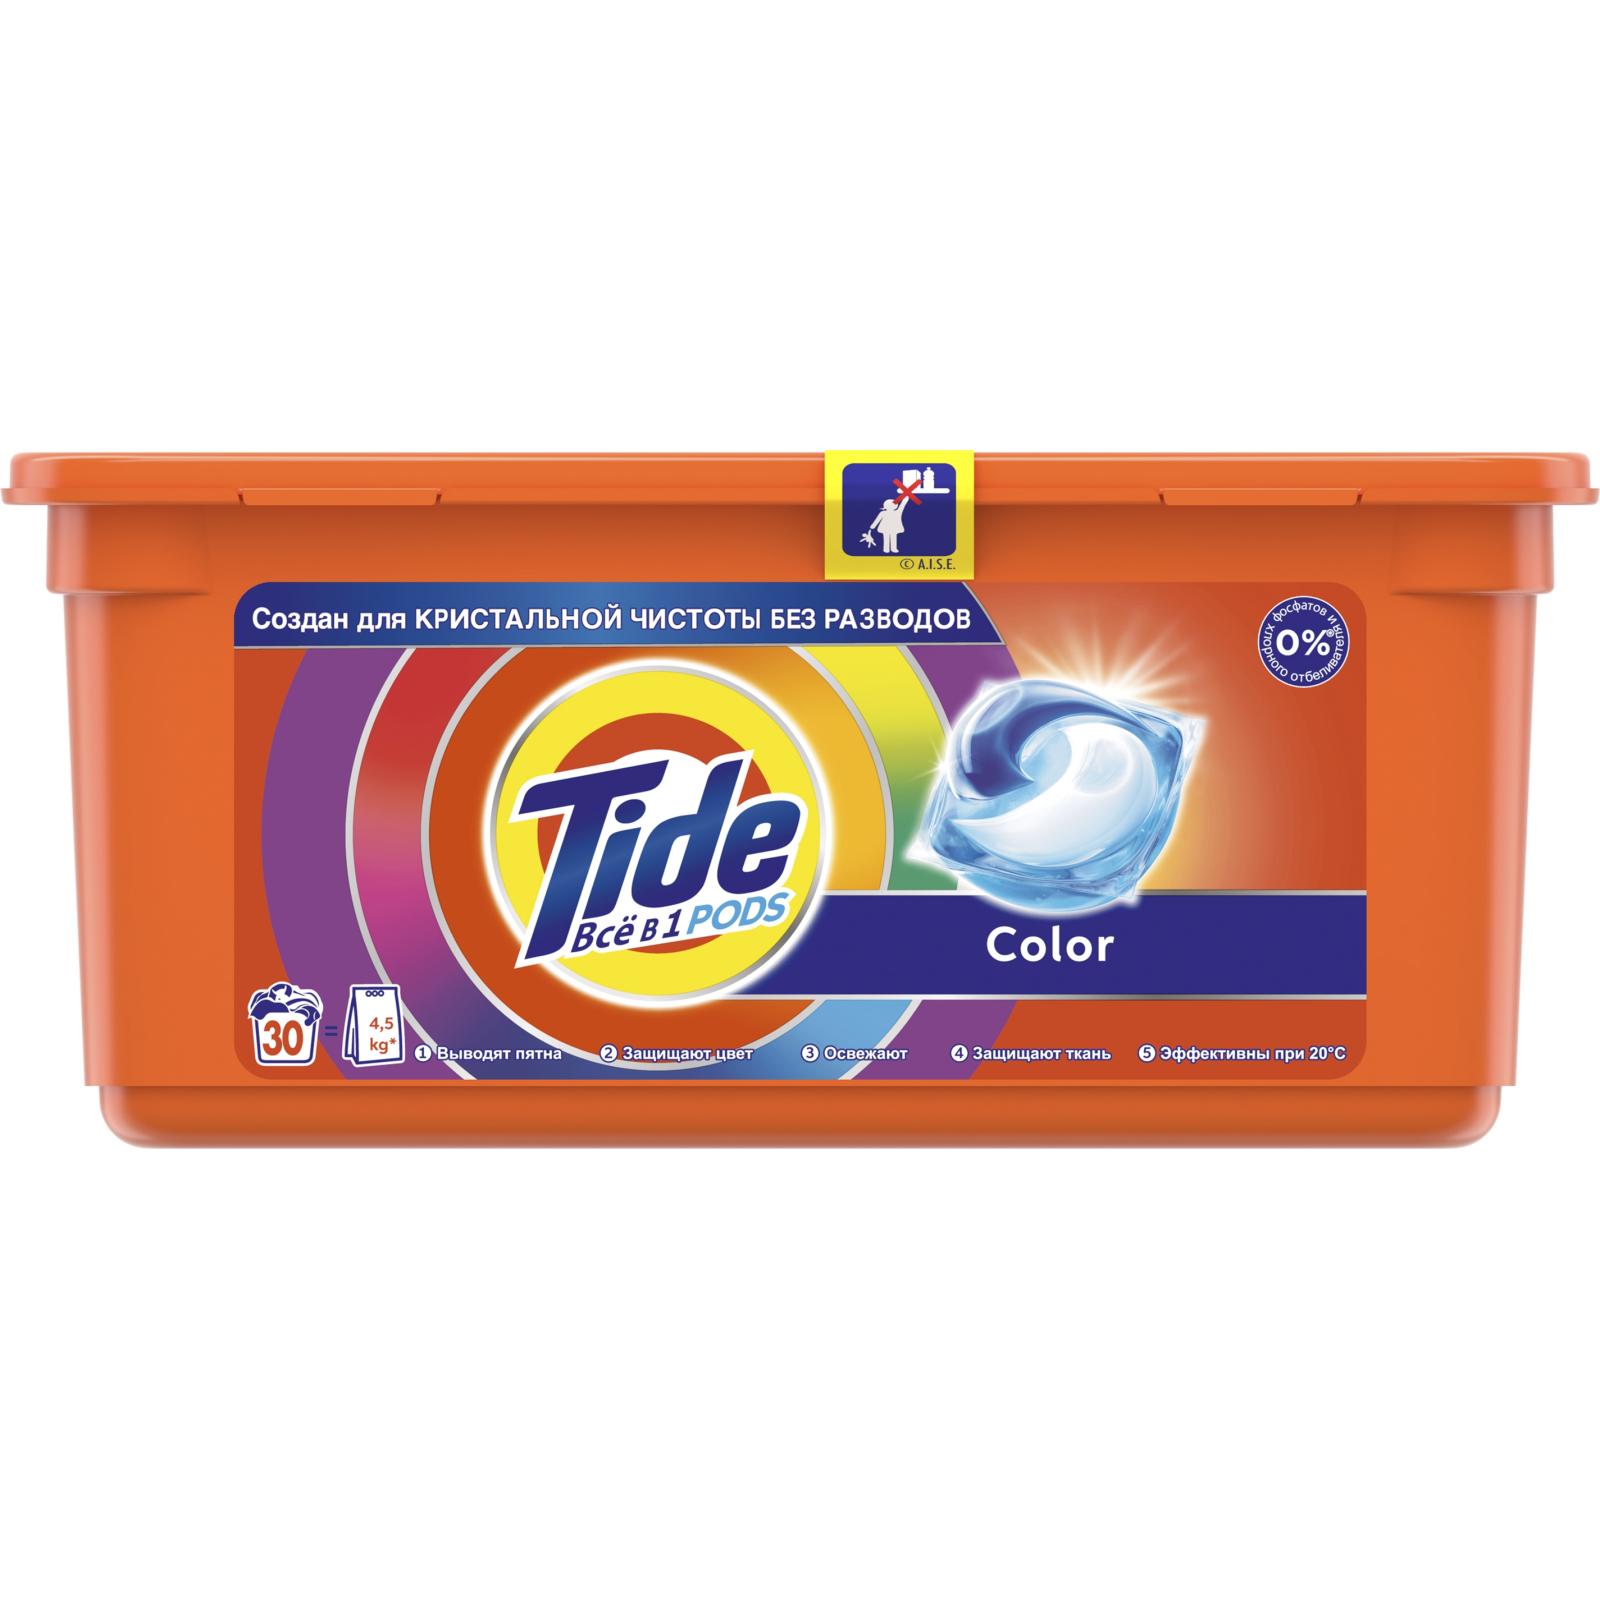 Капсулы для стирки Tide Все-в-1 Color 12 шт. (8001090758231)